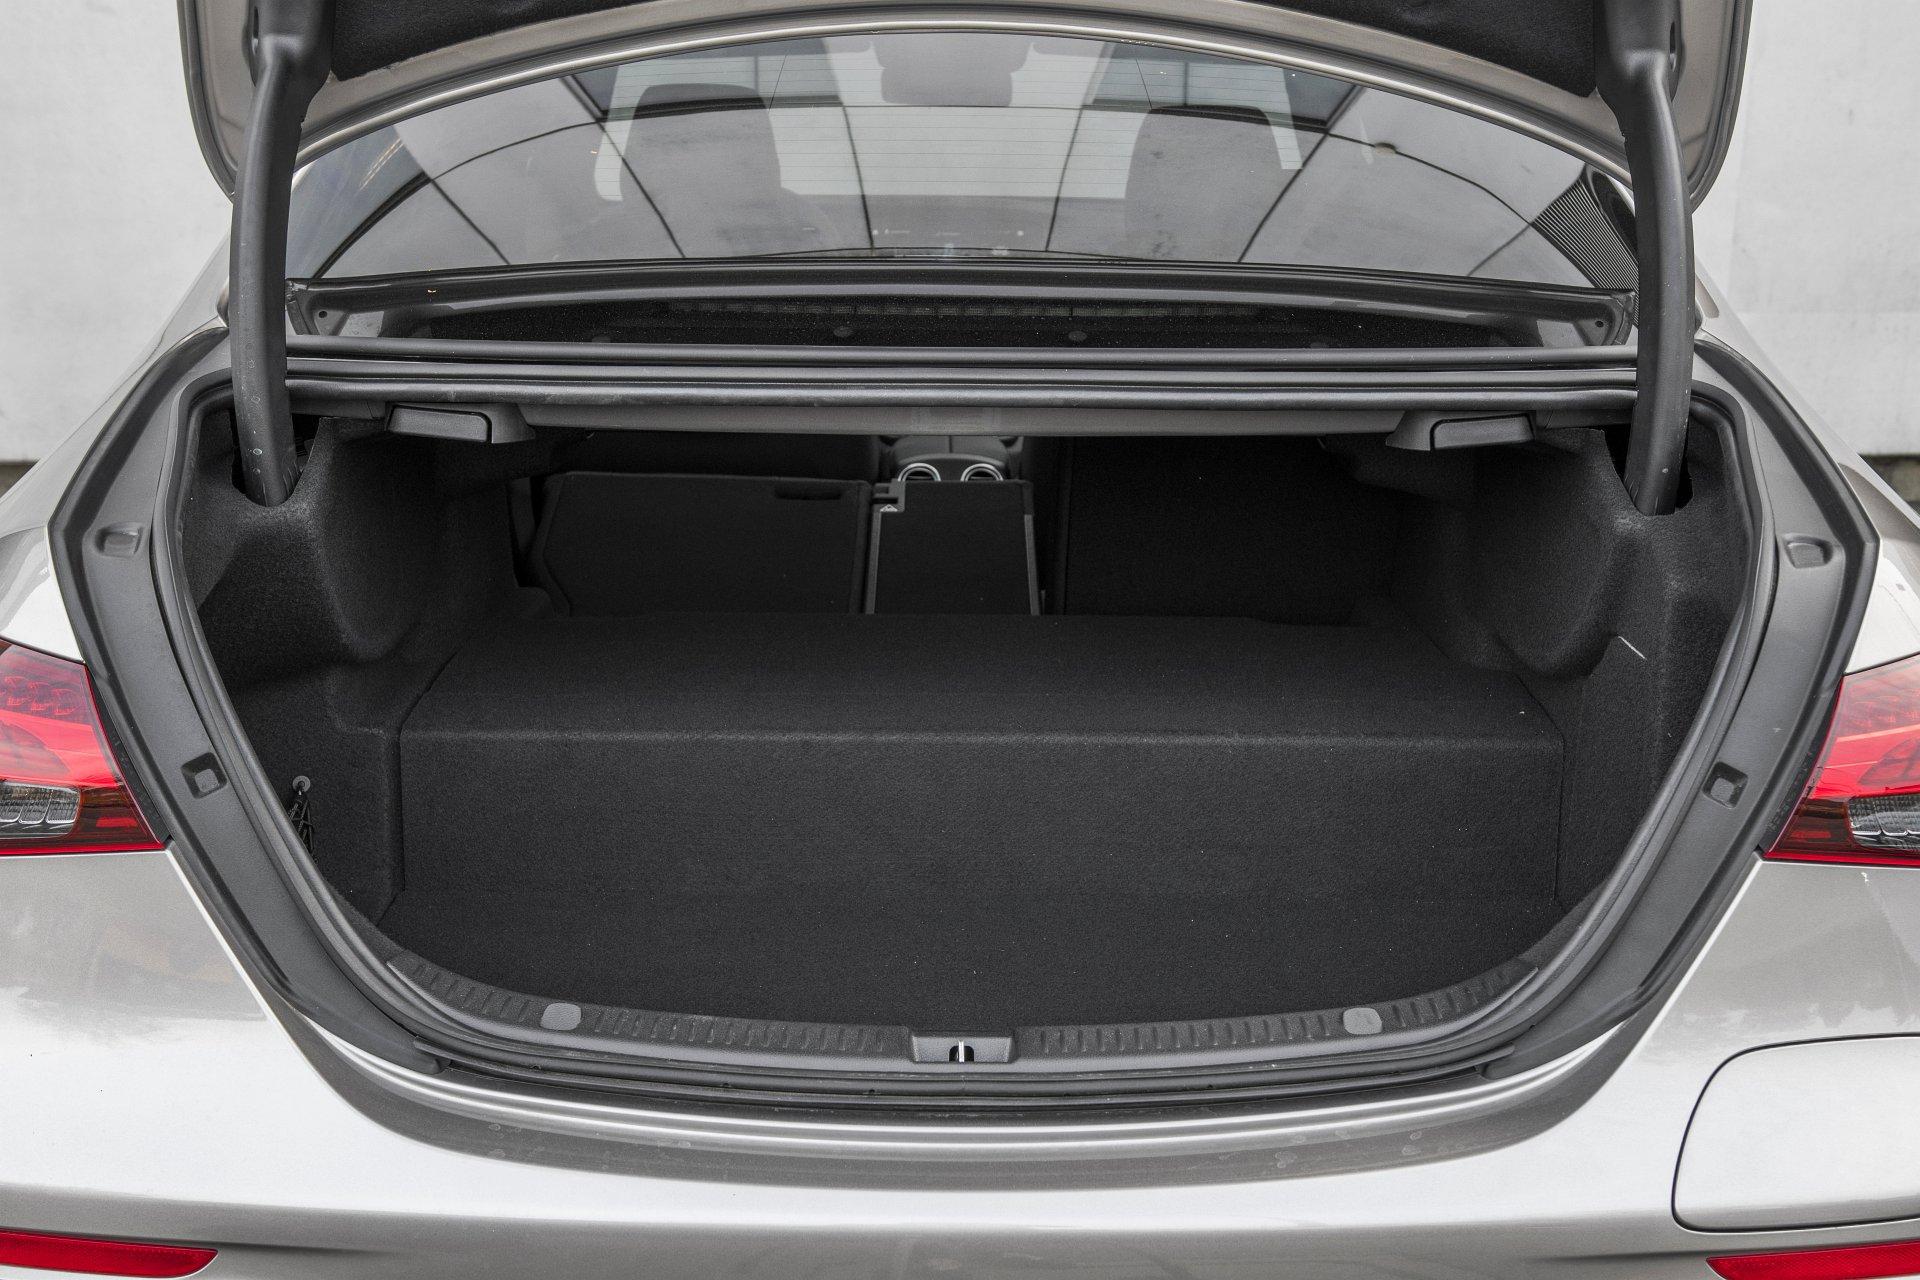 Mercedes E 300 de lifting (2020) - test - bagażnik 01